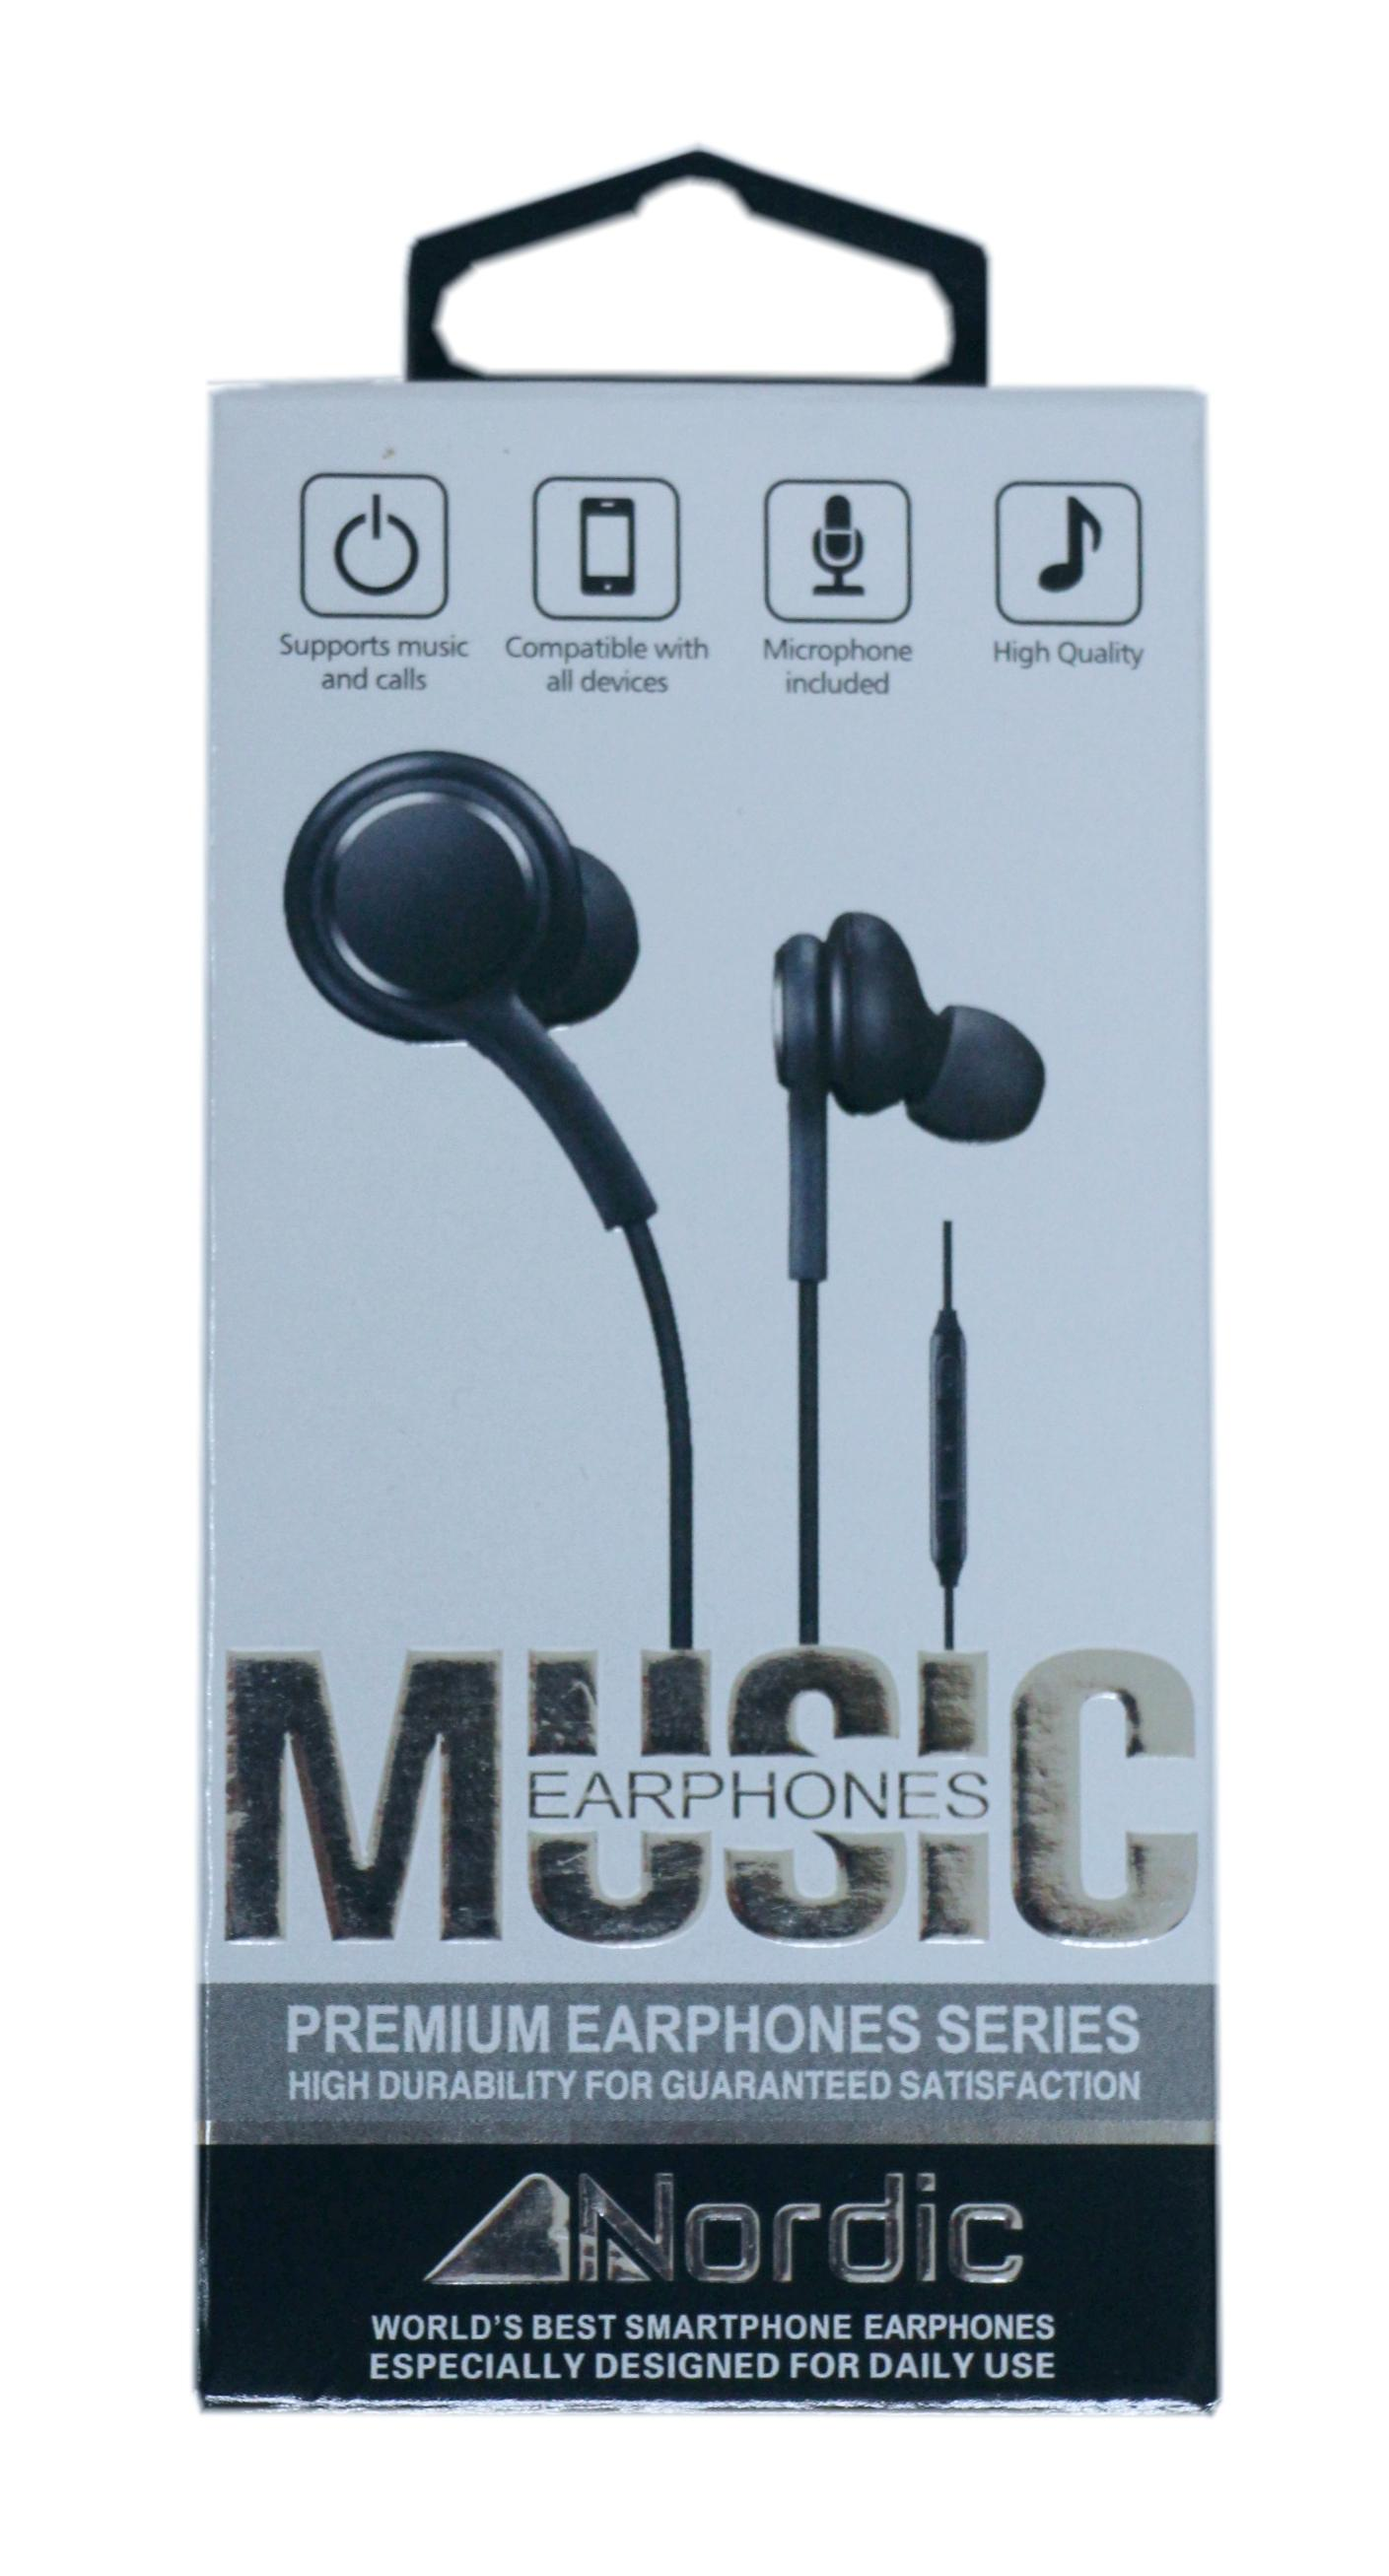 אוזניות חוט לגלקסי/אייפון של חברת Nordic עם שליטה על ווליום ומקרופון בצבע שחור